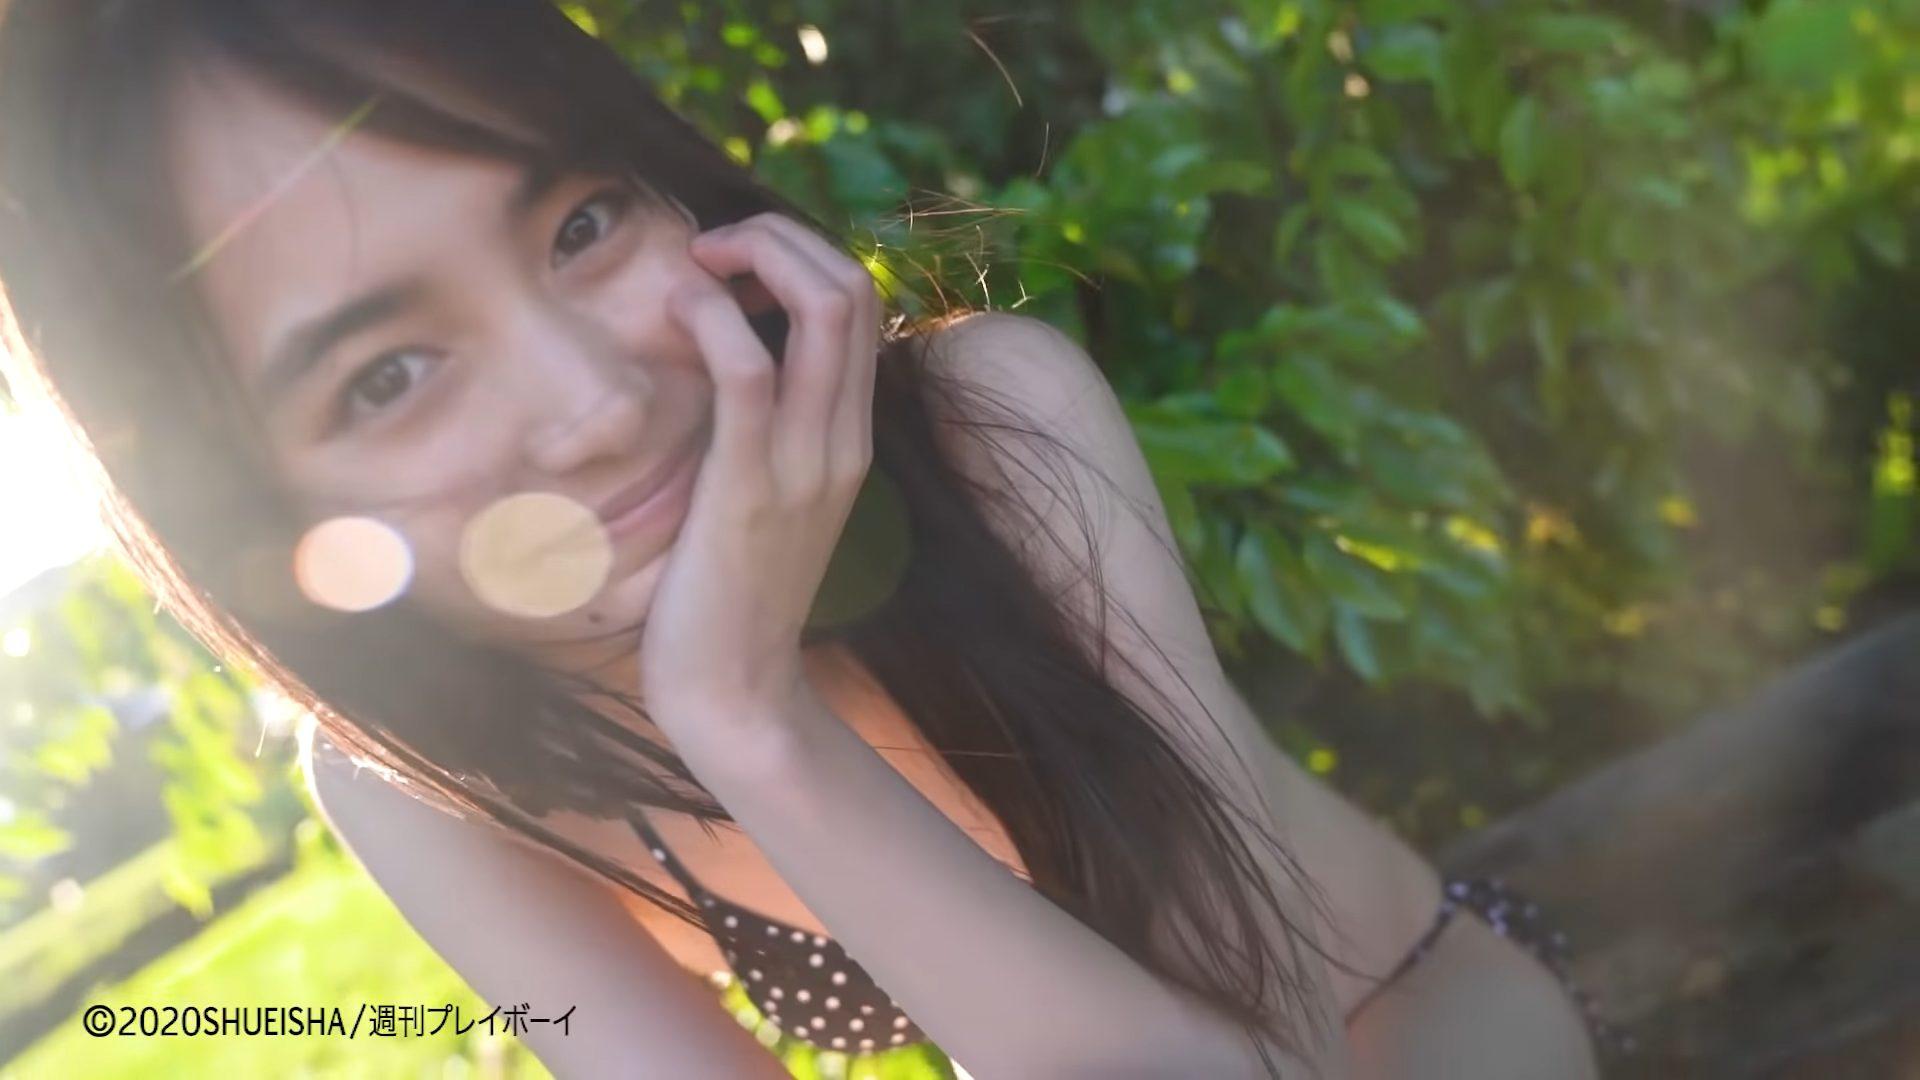 【井桁弘恵】-カップ 週プレ!動画!仮面ライダーゼロワン出演女優が水着姿を披露!